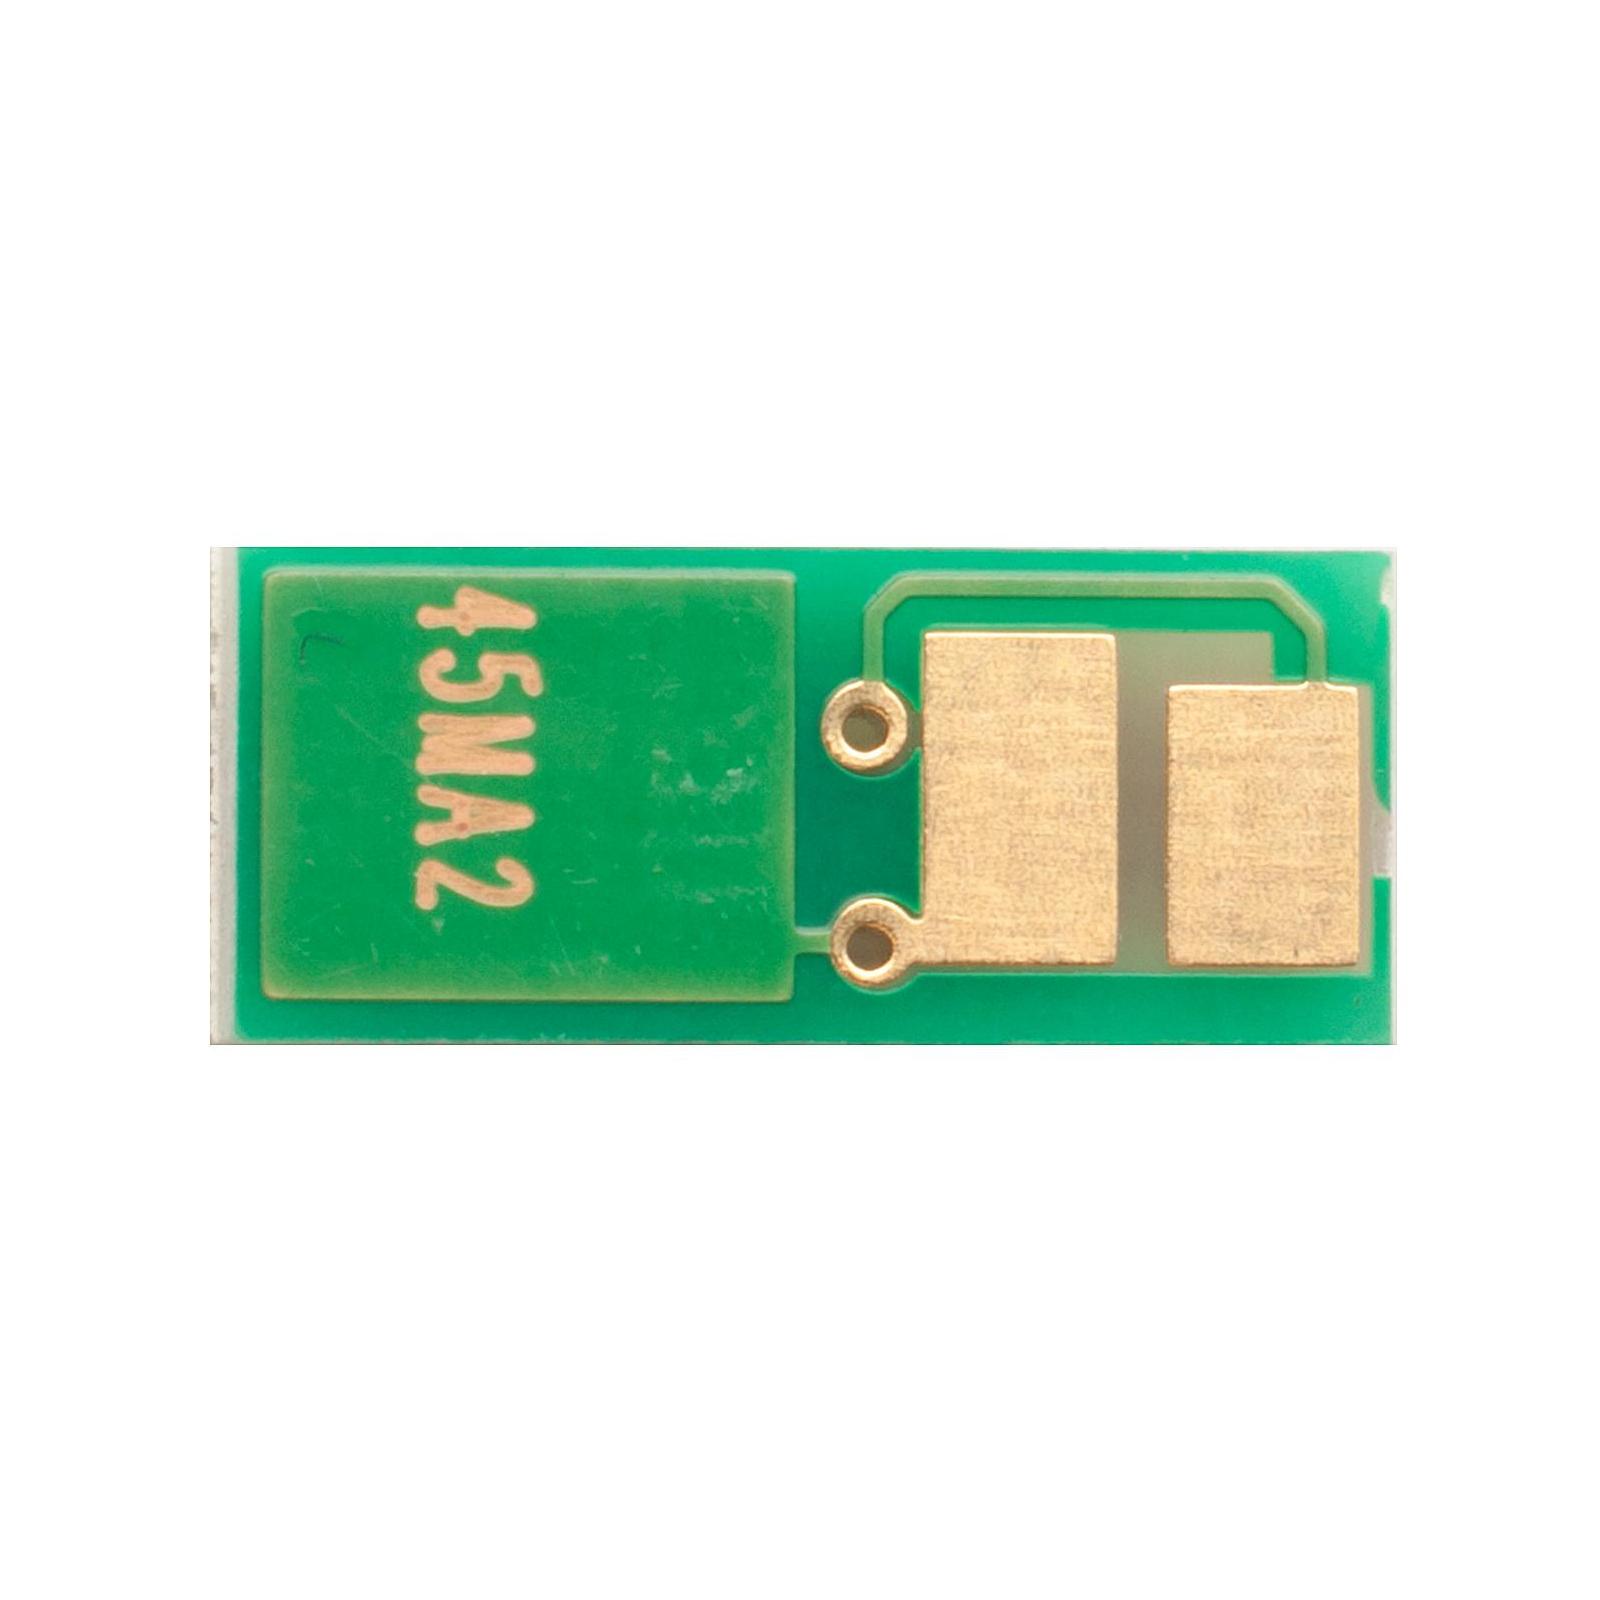 Чип для картриджа CANON 045 BLACK Everprint (CHIP-CAN-045-B) изображение 2